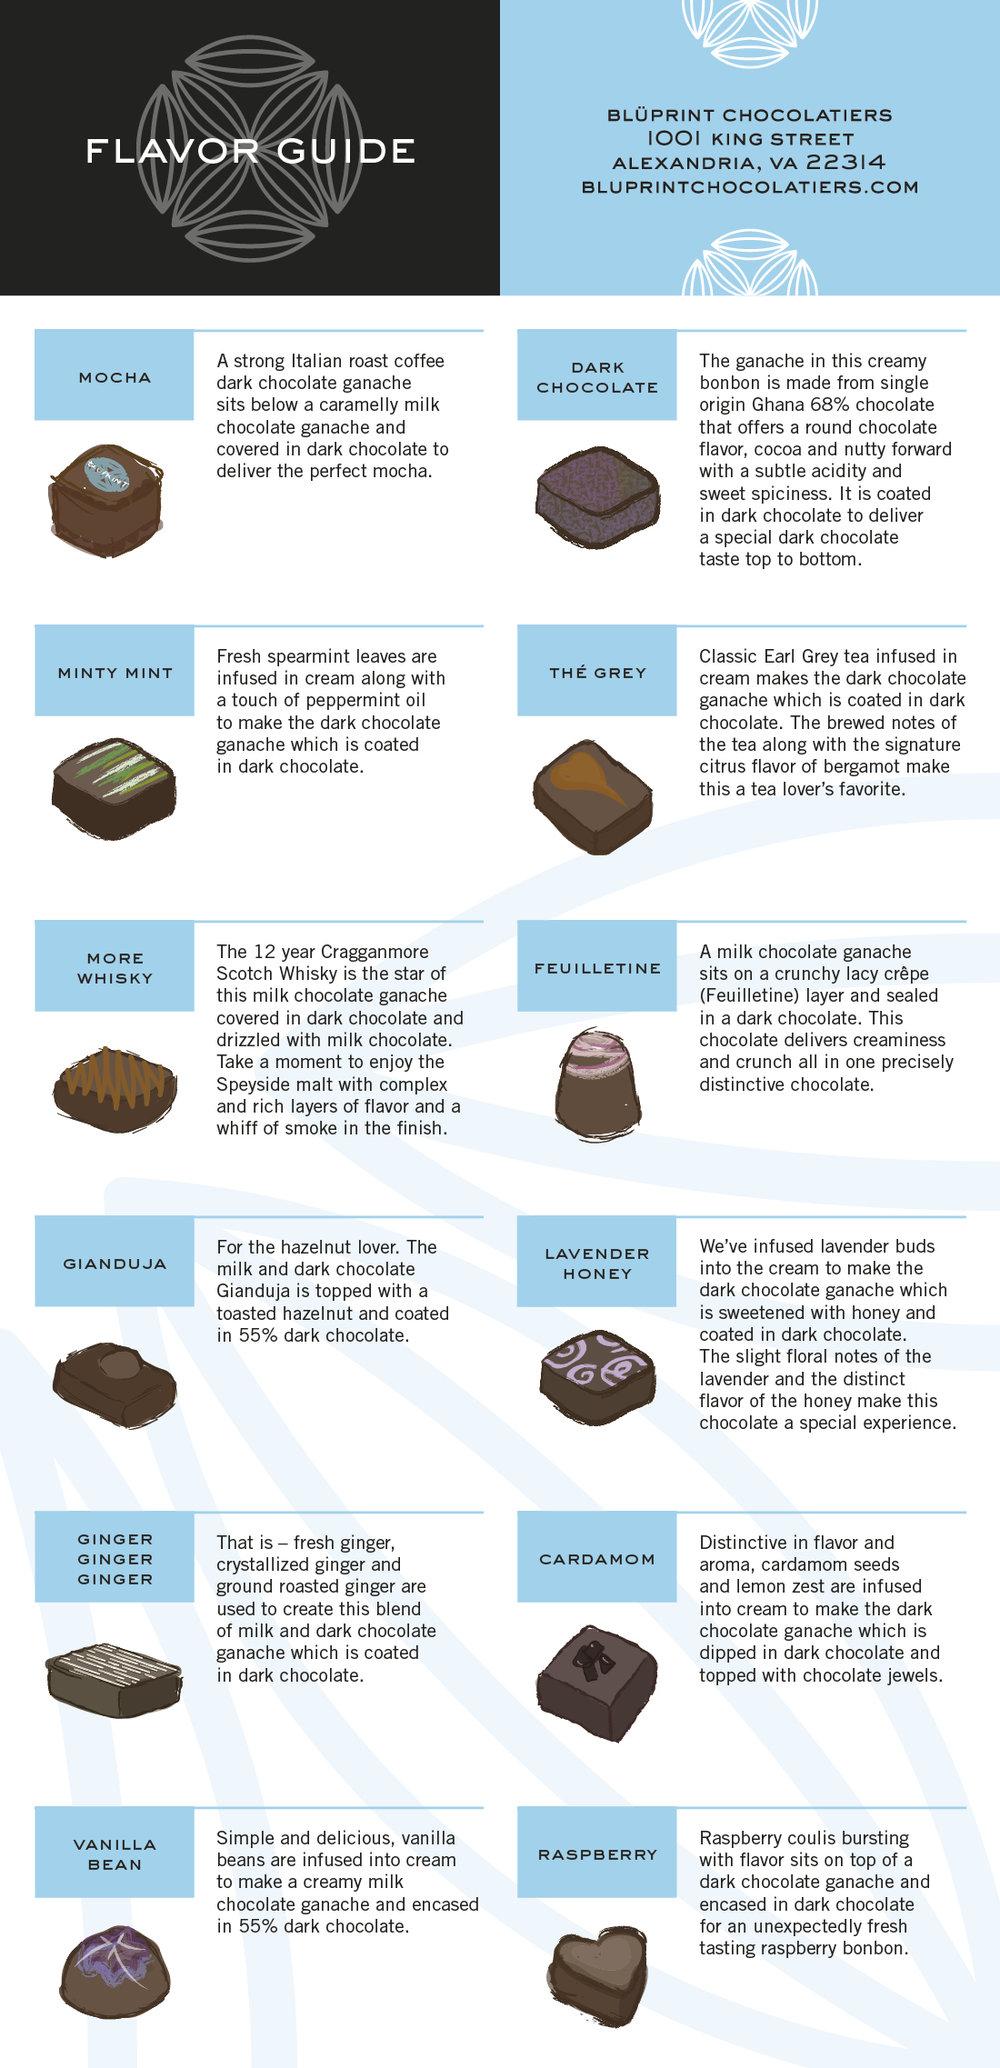 012418_BPC Box Flavor Guide_Web.jpg